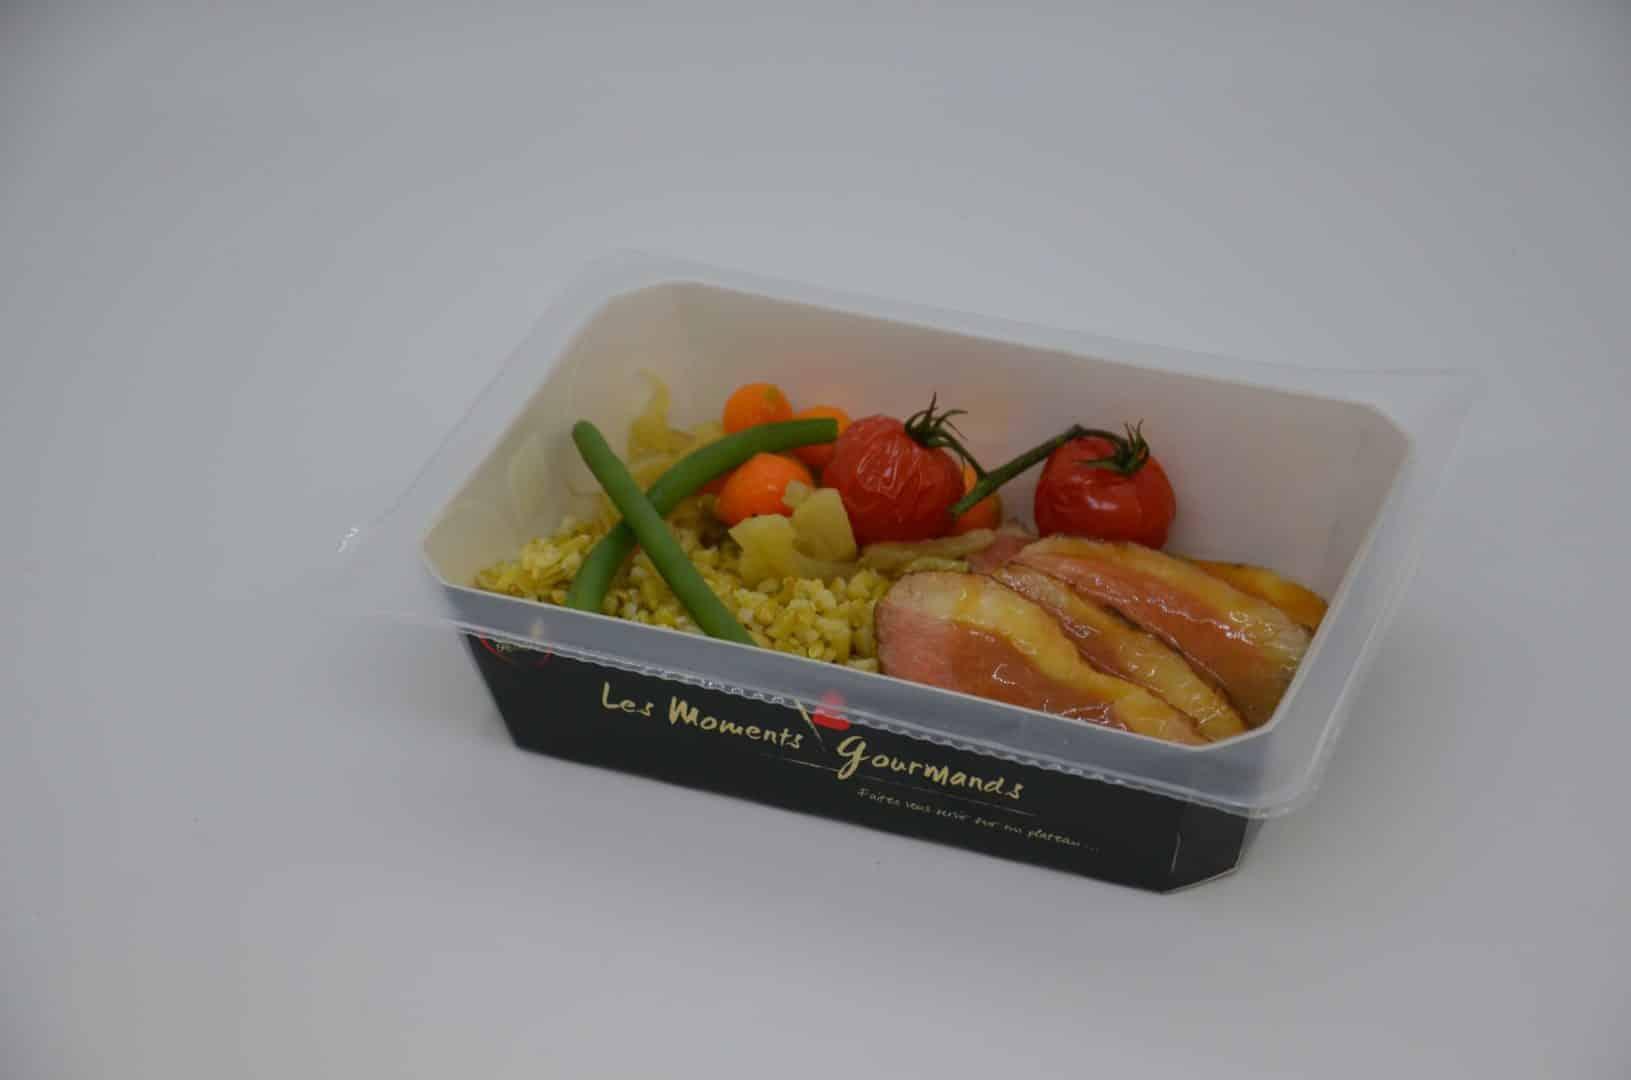 Dejeuner livraison plateau repas Quimper Finistere Bretagne 13 - Accueil